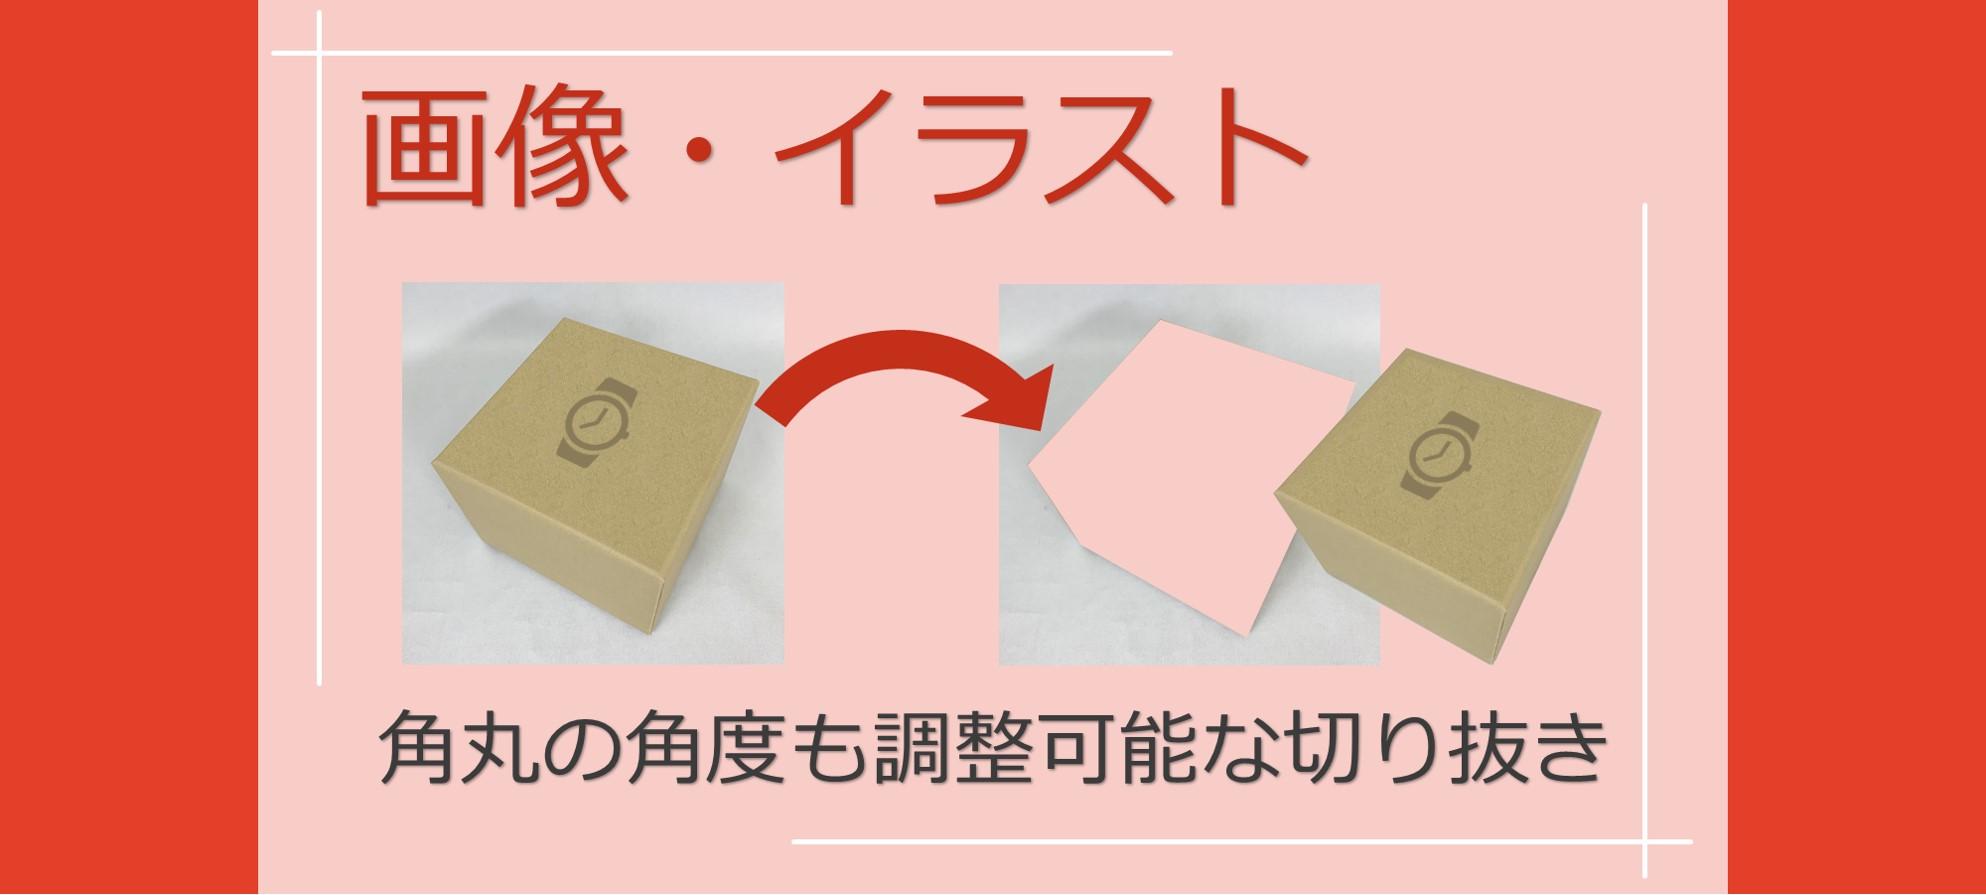 パワポで簡単!図形の結合活用術で商品画像もきれいに切り抜き